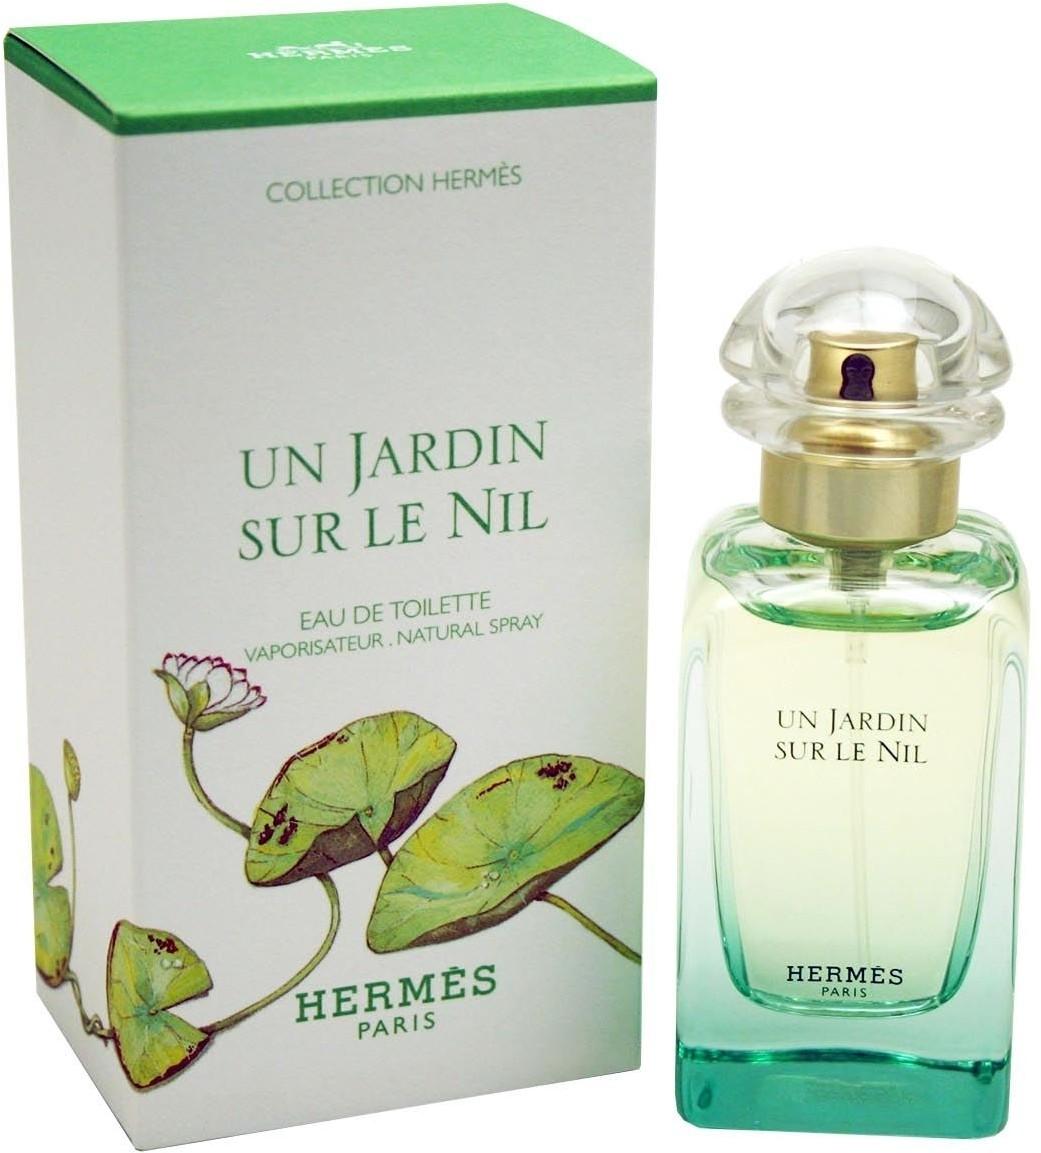 Hermes price list in india buy hermes online at best - Hermes jardin sur le nil ...